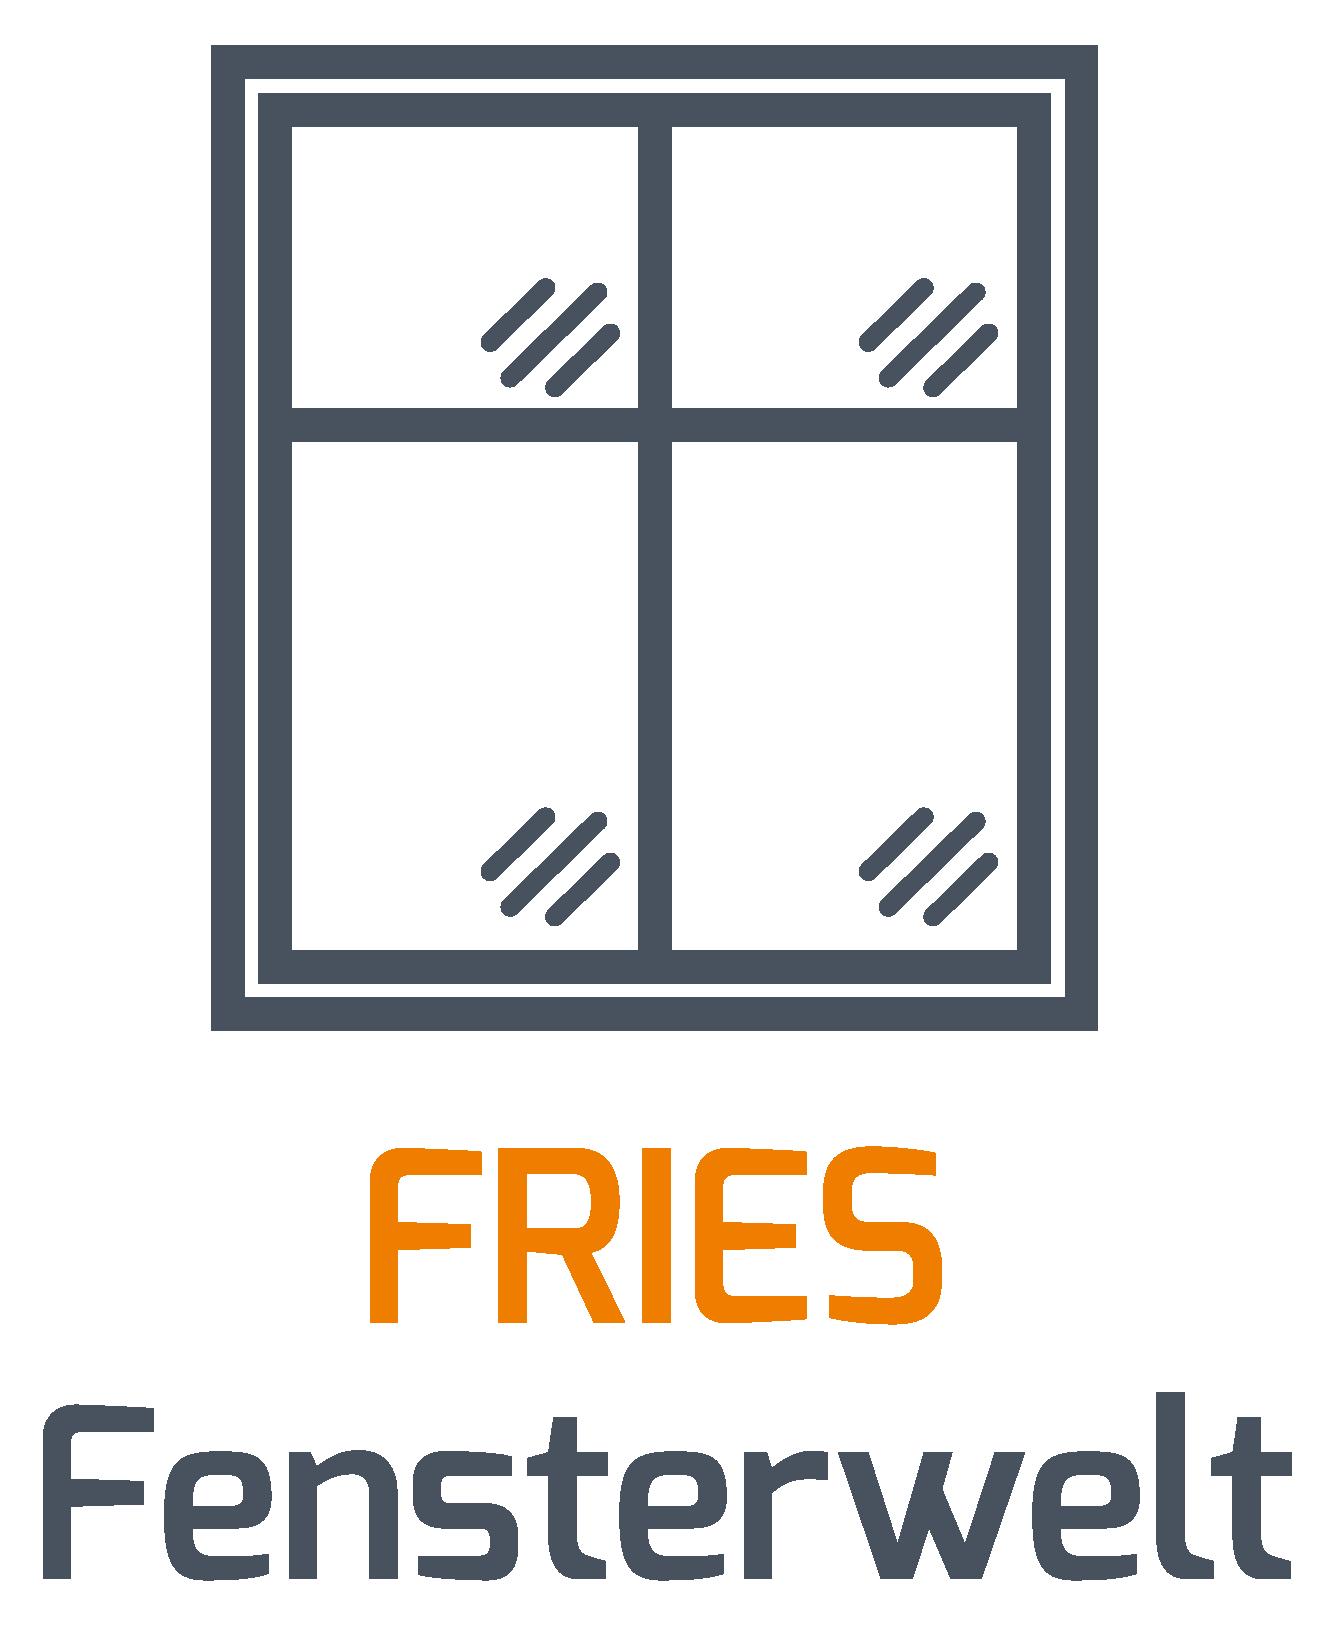 FRIES Fensterwelt